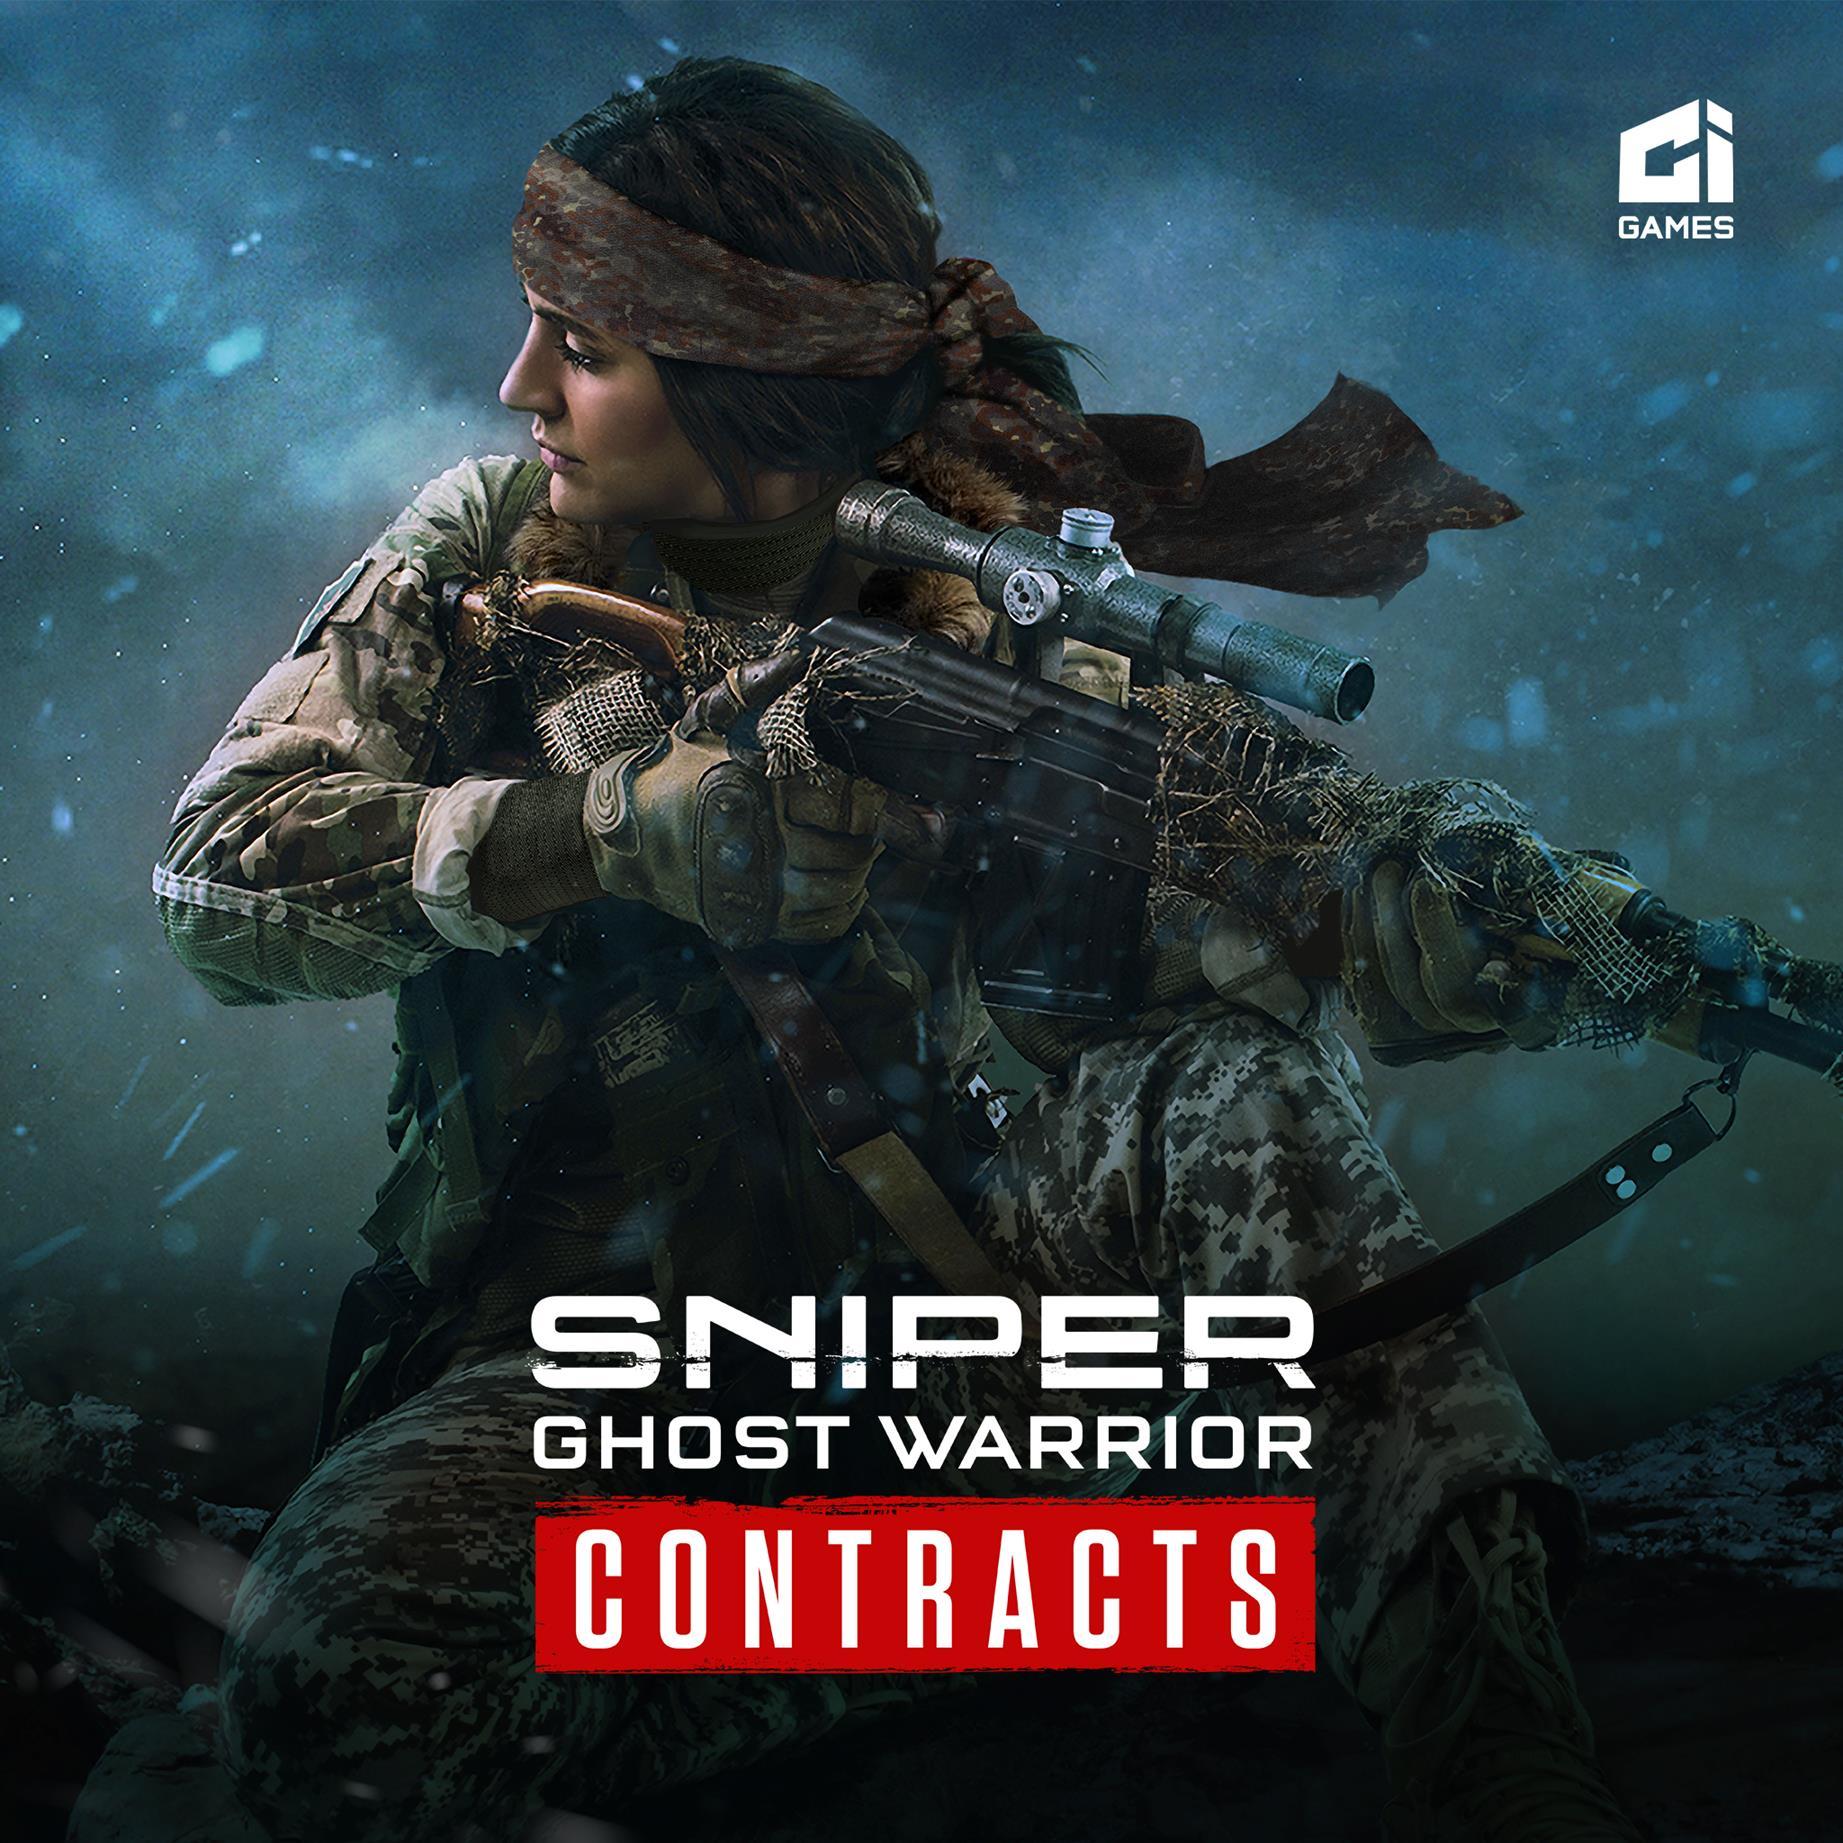 狙击手:幽灵战士契约